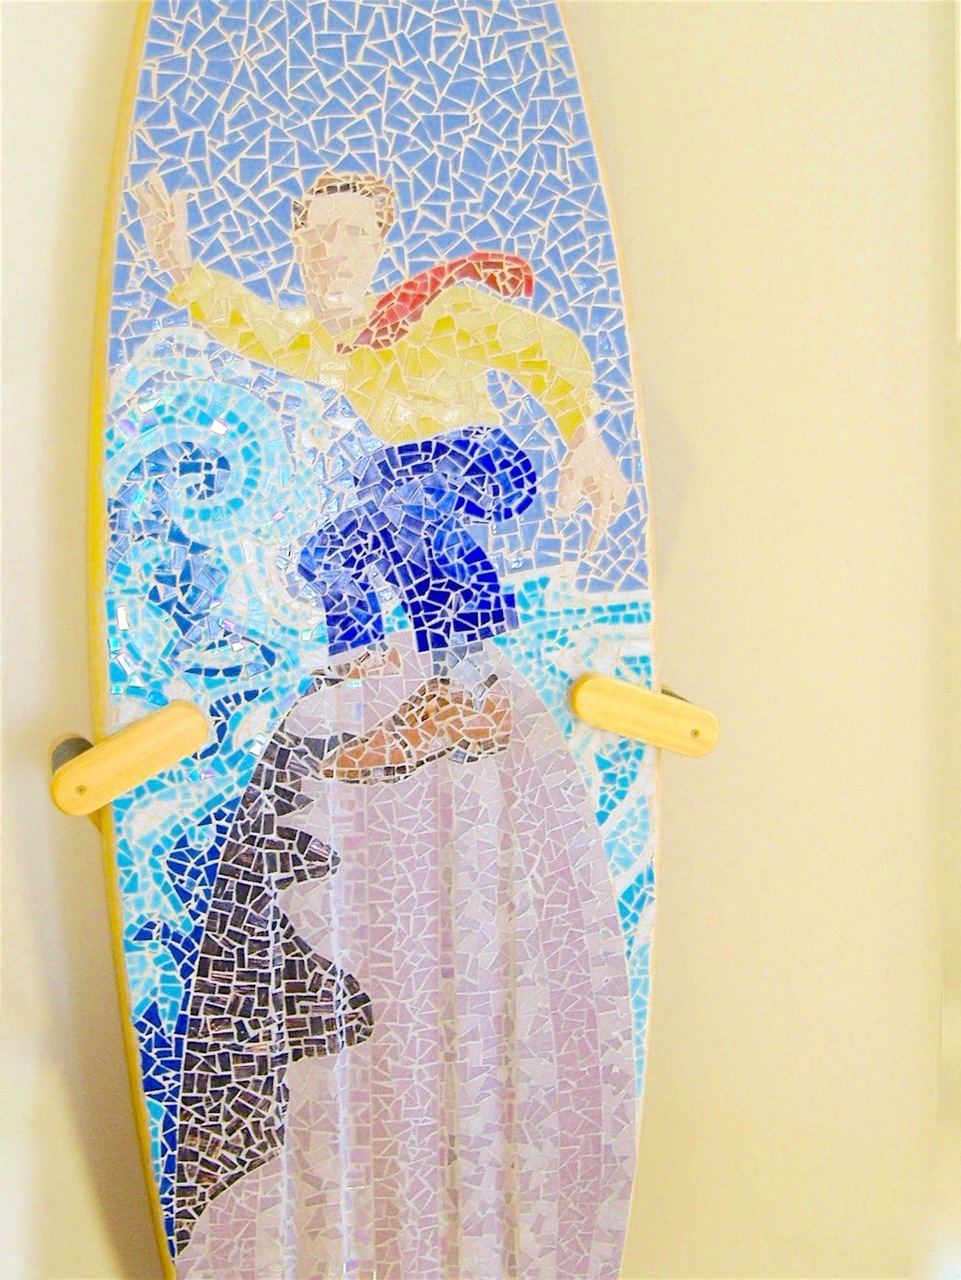 Surfboard Floor Display Stand - StoreYourBoard.com